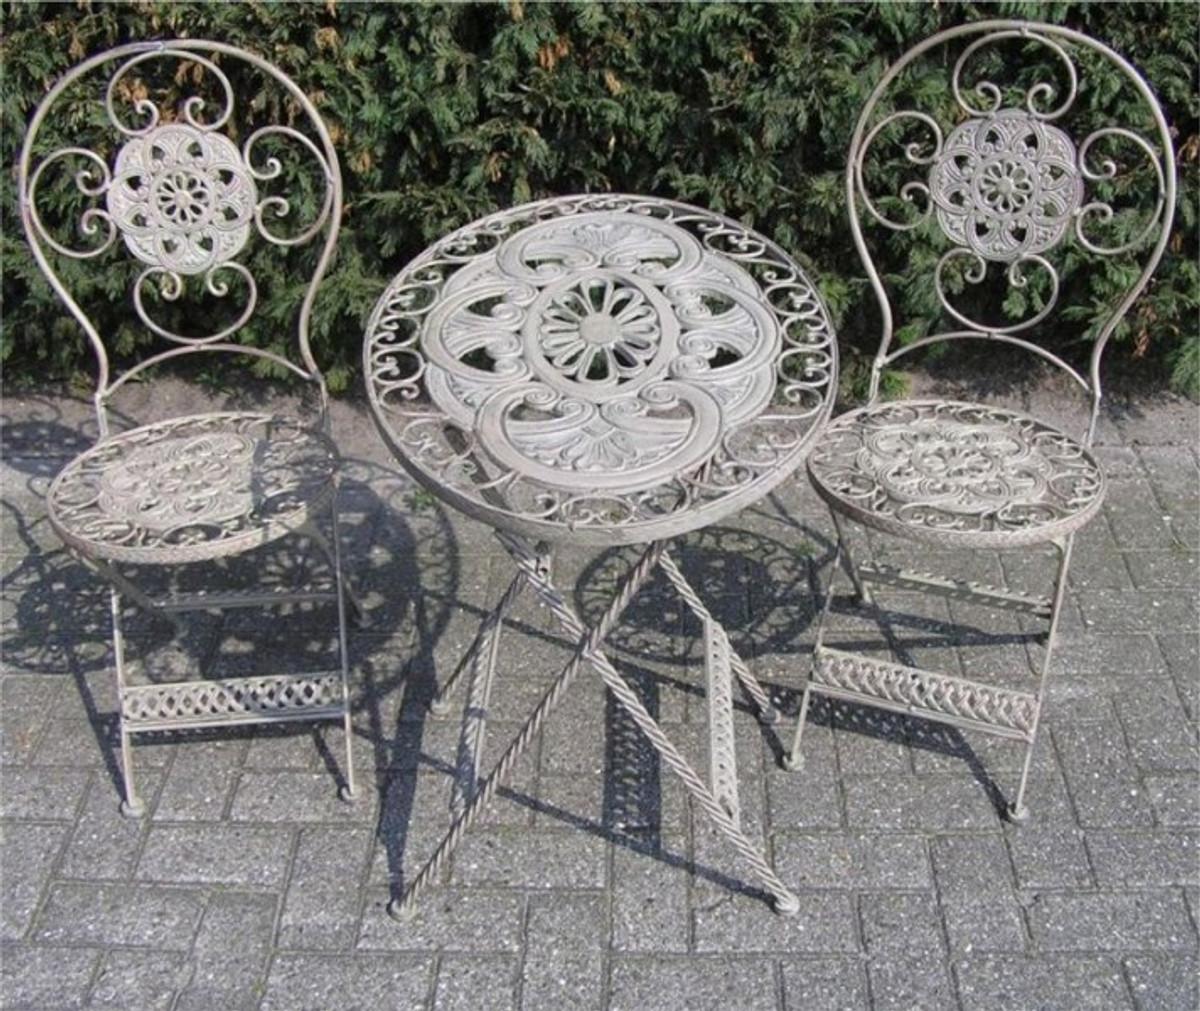 jugendstil gartenmöbel set french gray - 1 tisch, 2 stühle - eisen, Garten und bauen